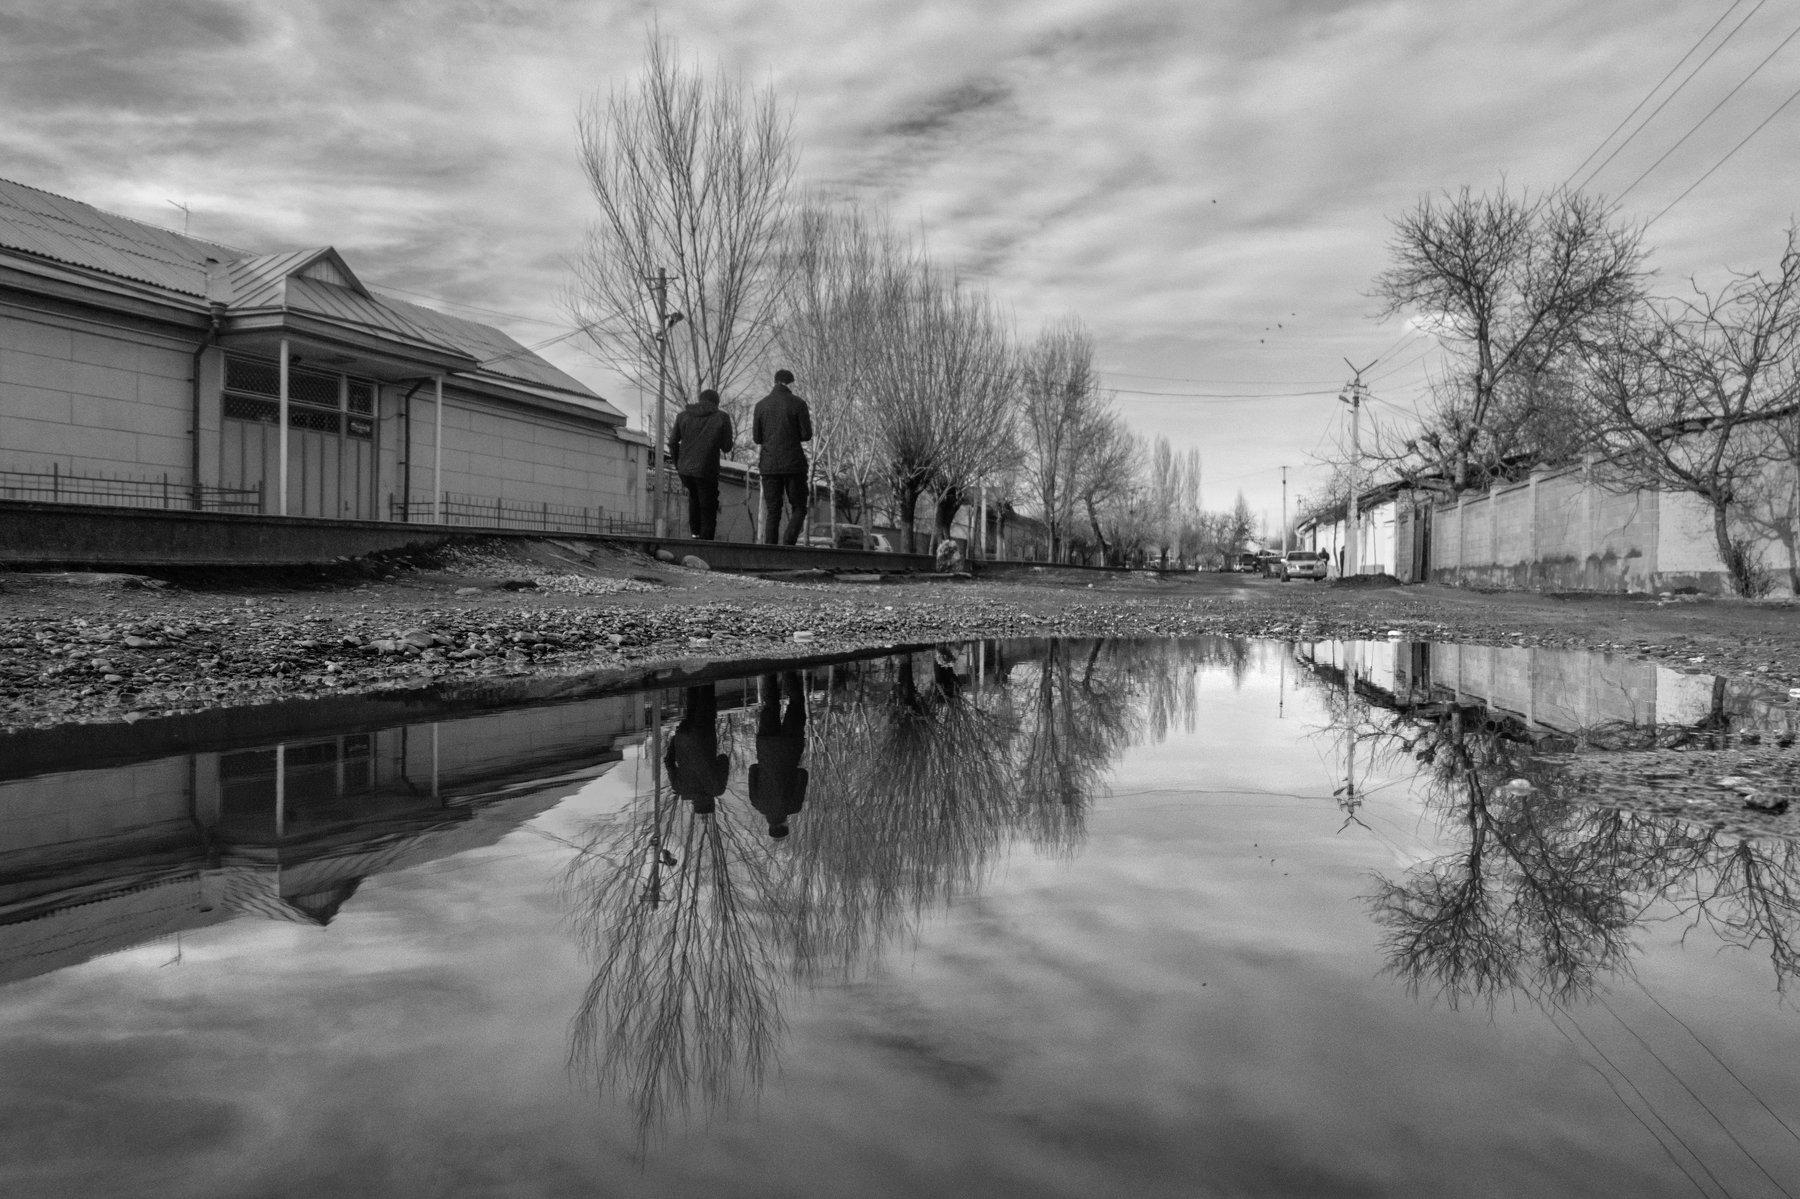 отражение, стрит, черно-белое, улица, кыргызстан, средняя азия, reflection, water, street,, Марат Сайранбаев